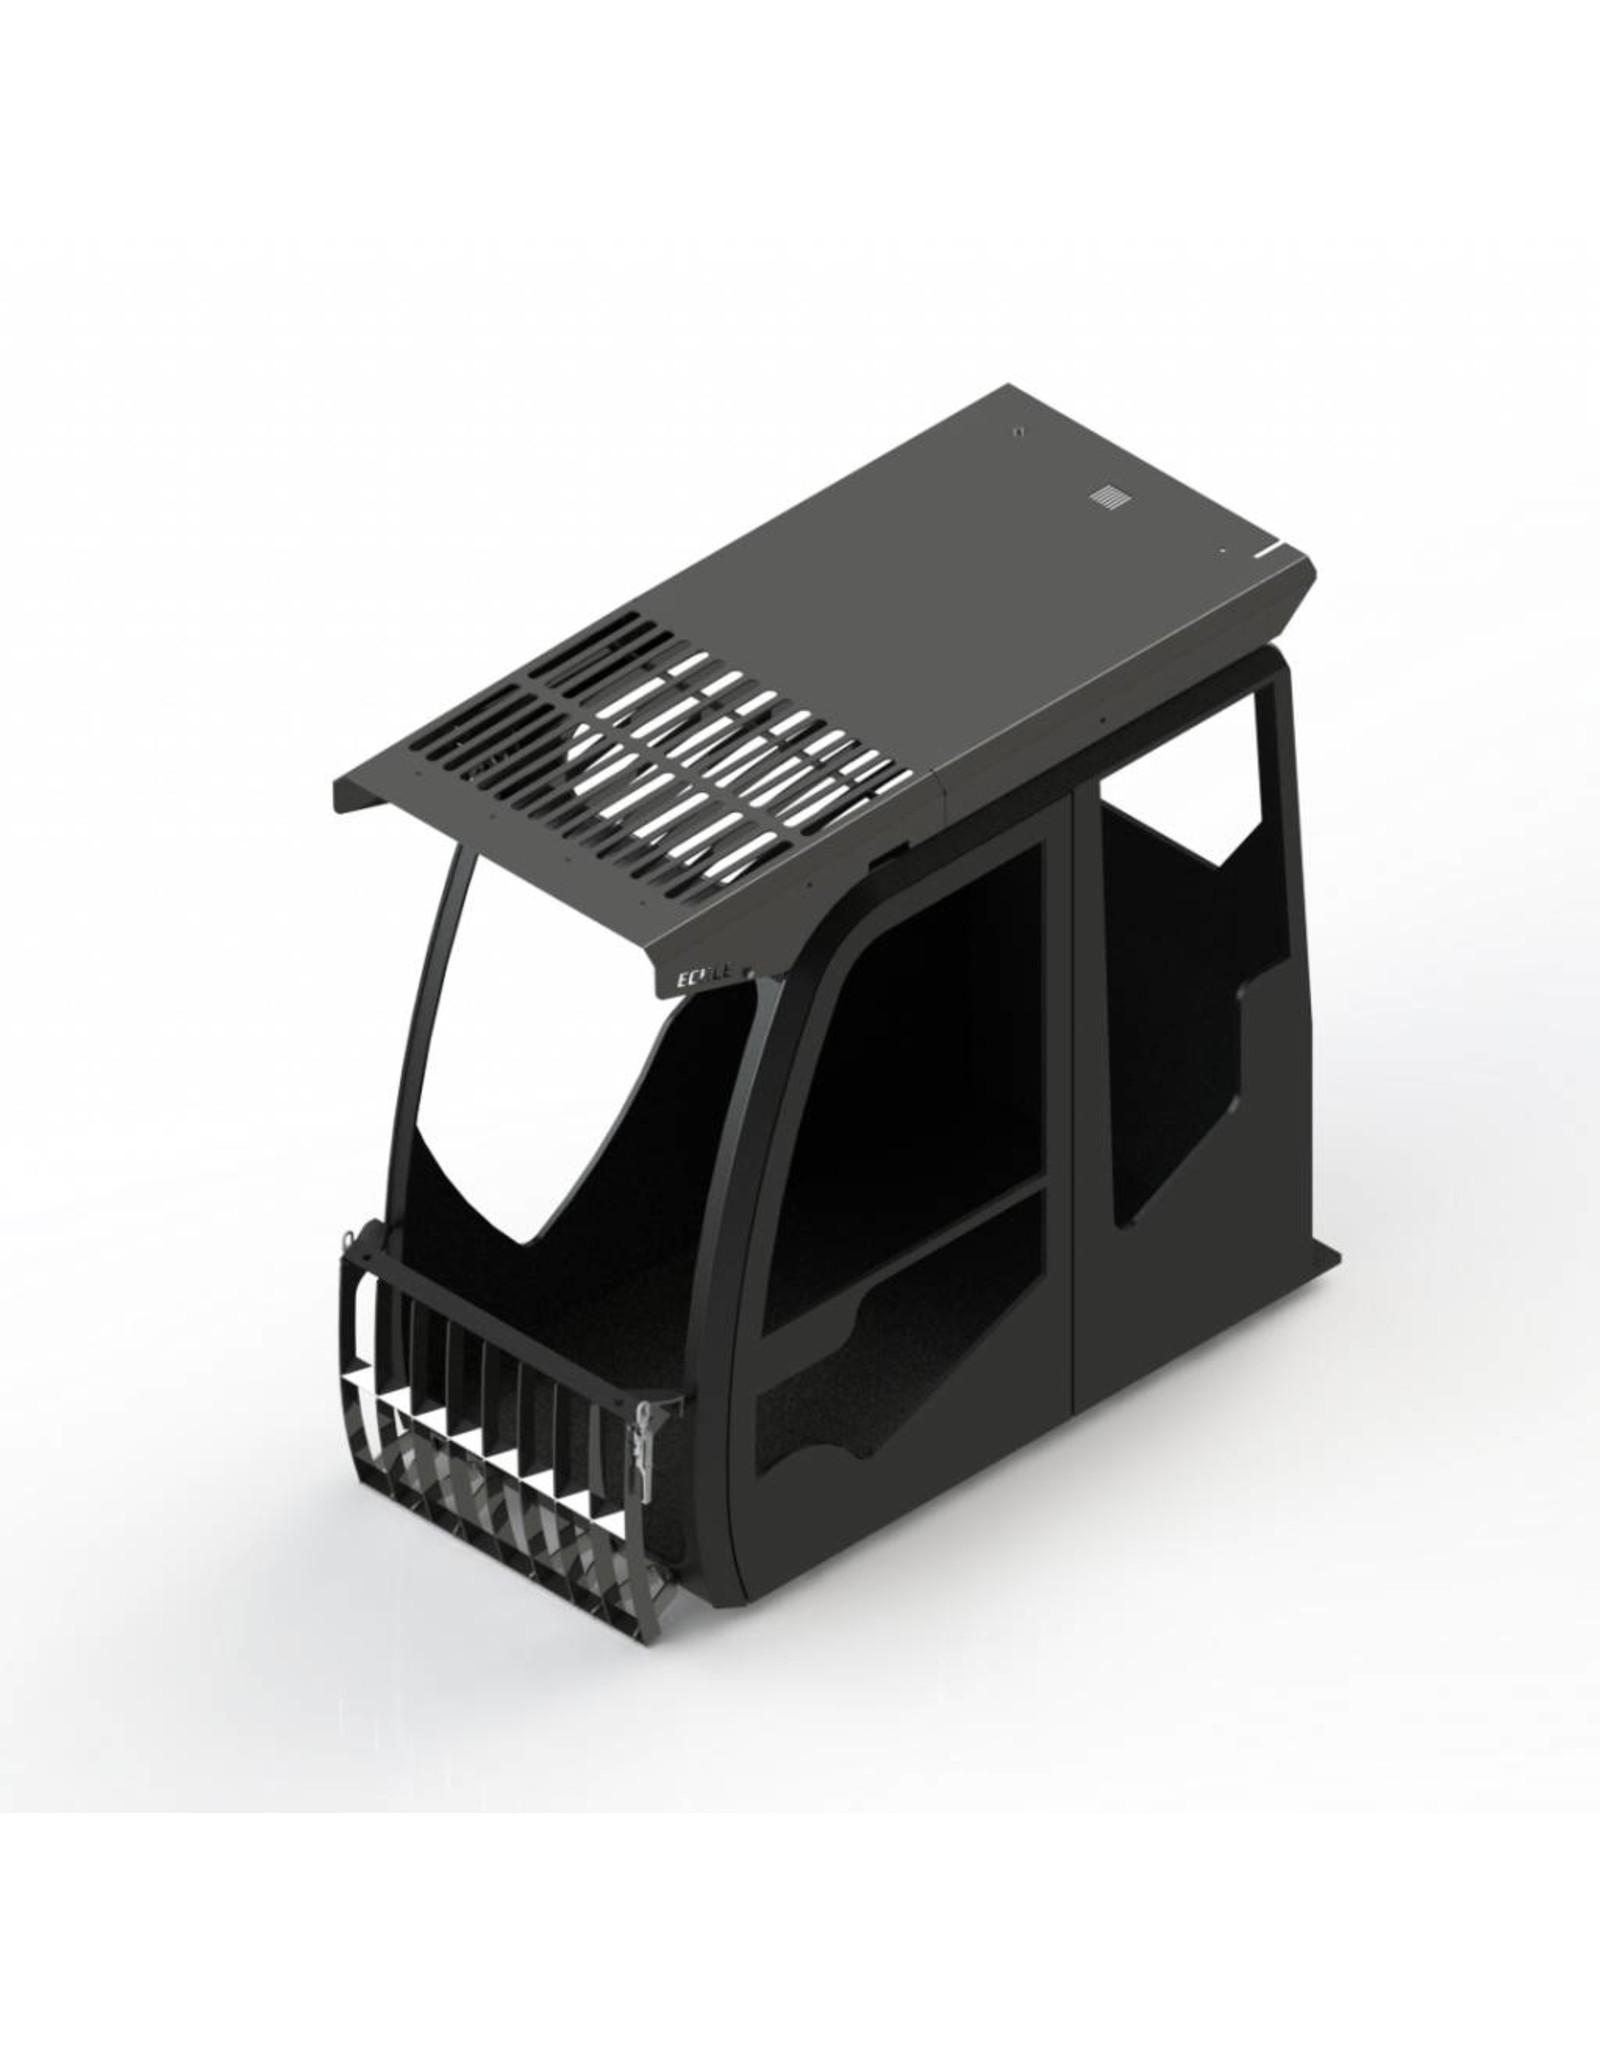 Echle Hartstahl GmbH FOPS für Komatsu PC230NHD-11